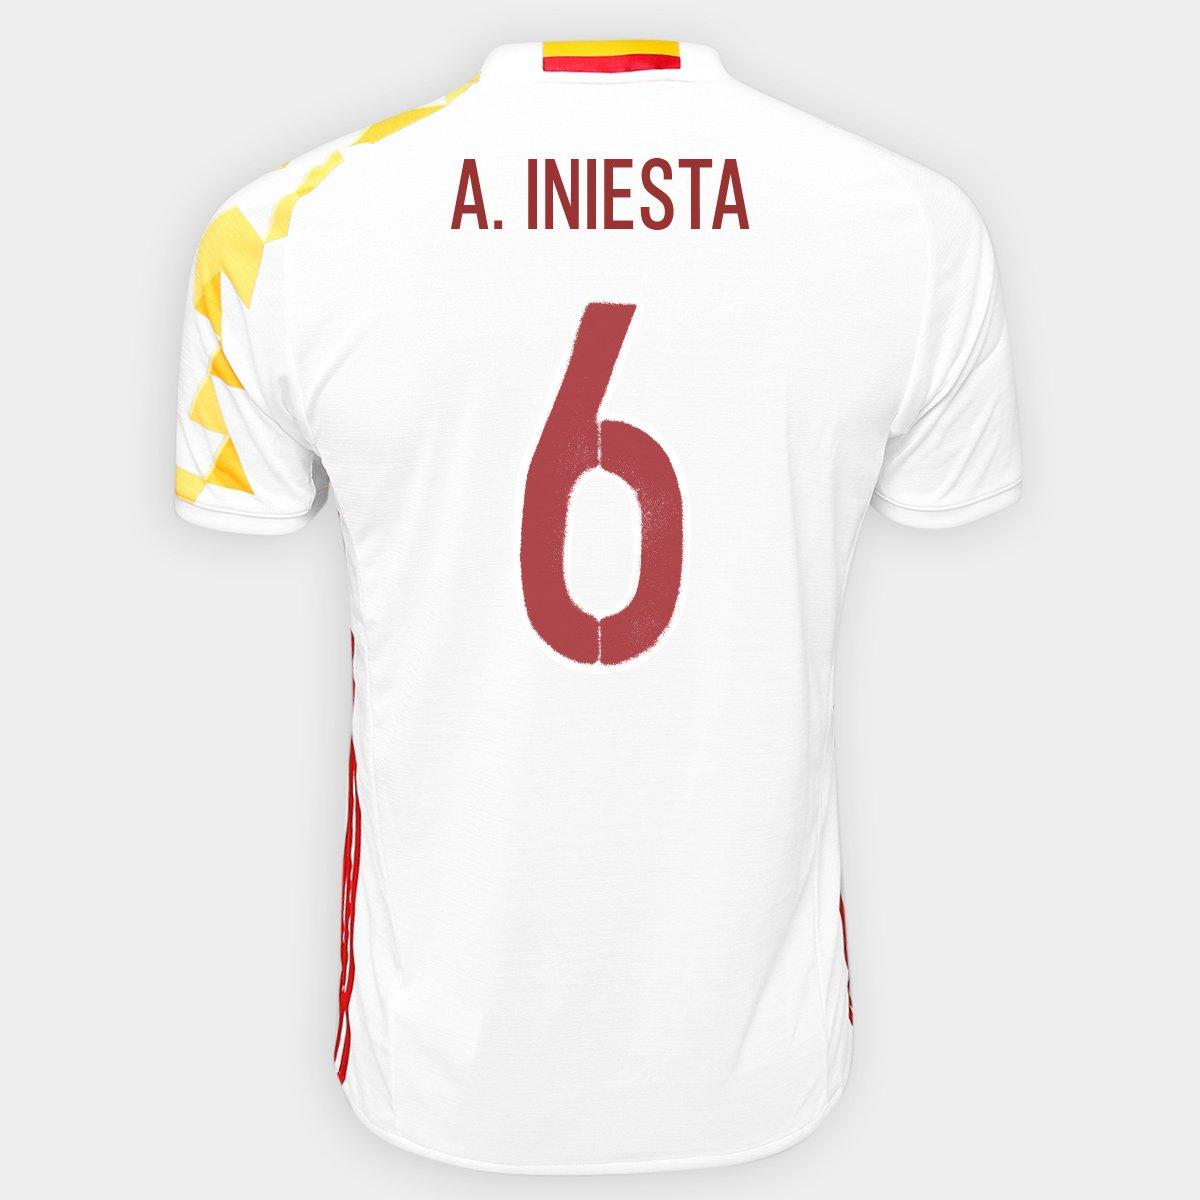 Camisa Adidas Seleção Espanha Away 2016 nº 6 - A. Iniesta - Compre Agora  6157e99806c41